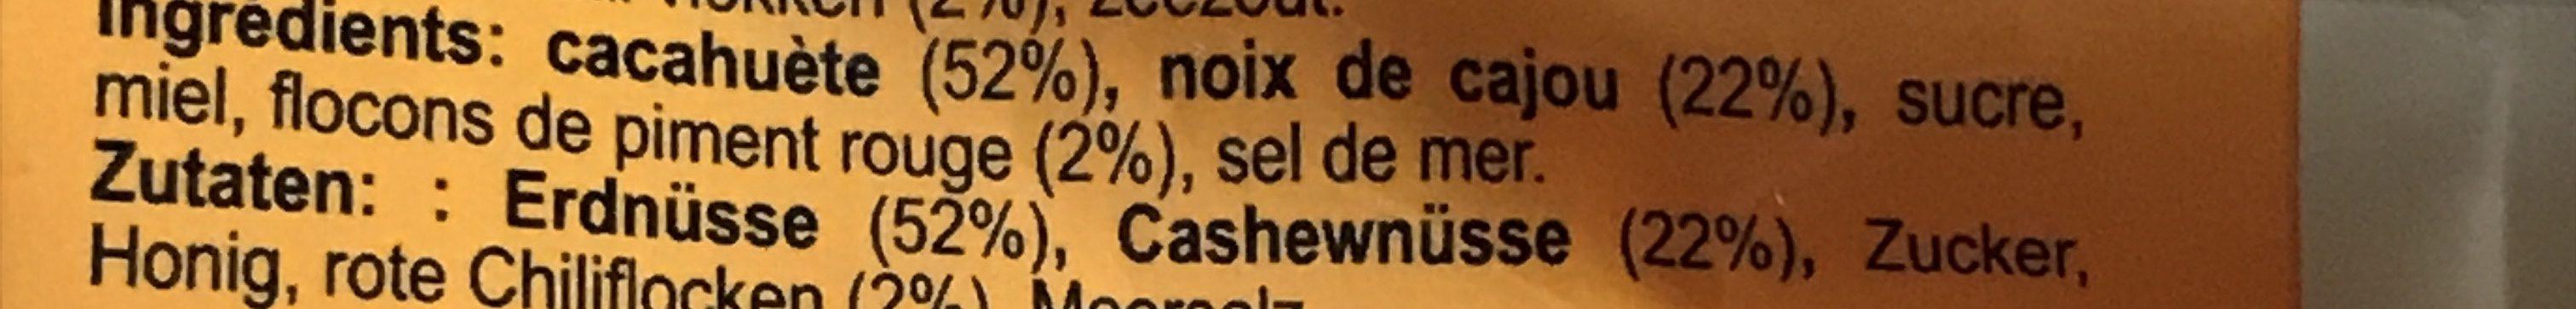 Noix de cajou et cacahuete au piment rouge - Ingrédients - fr